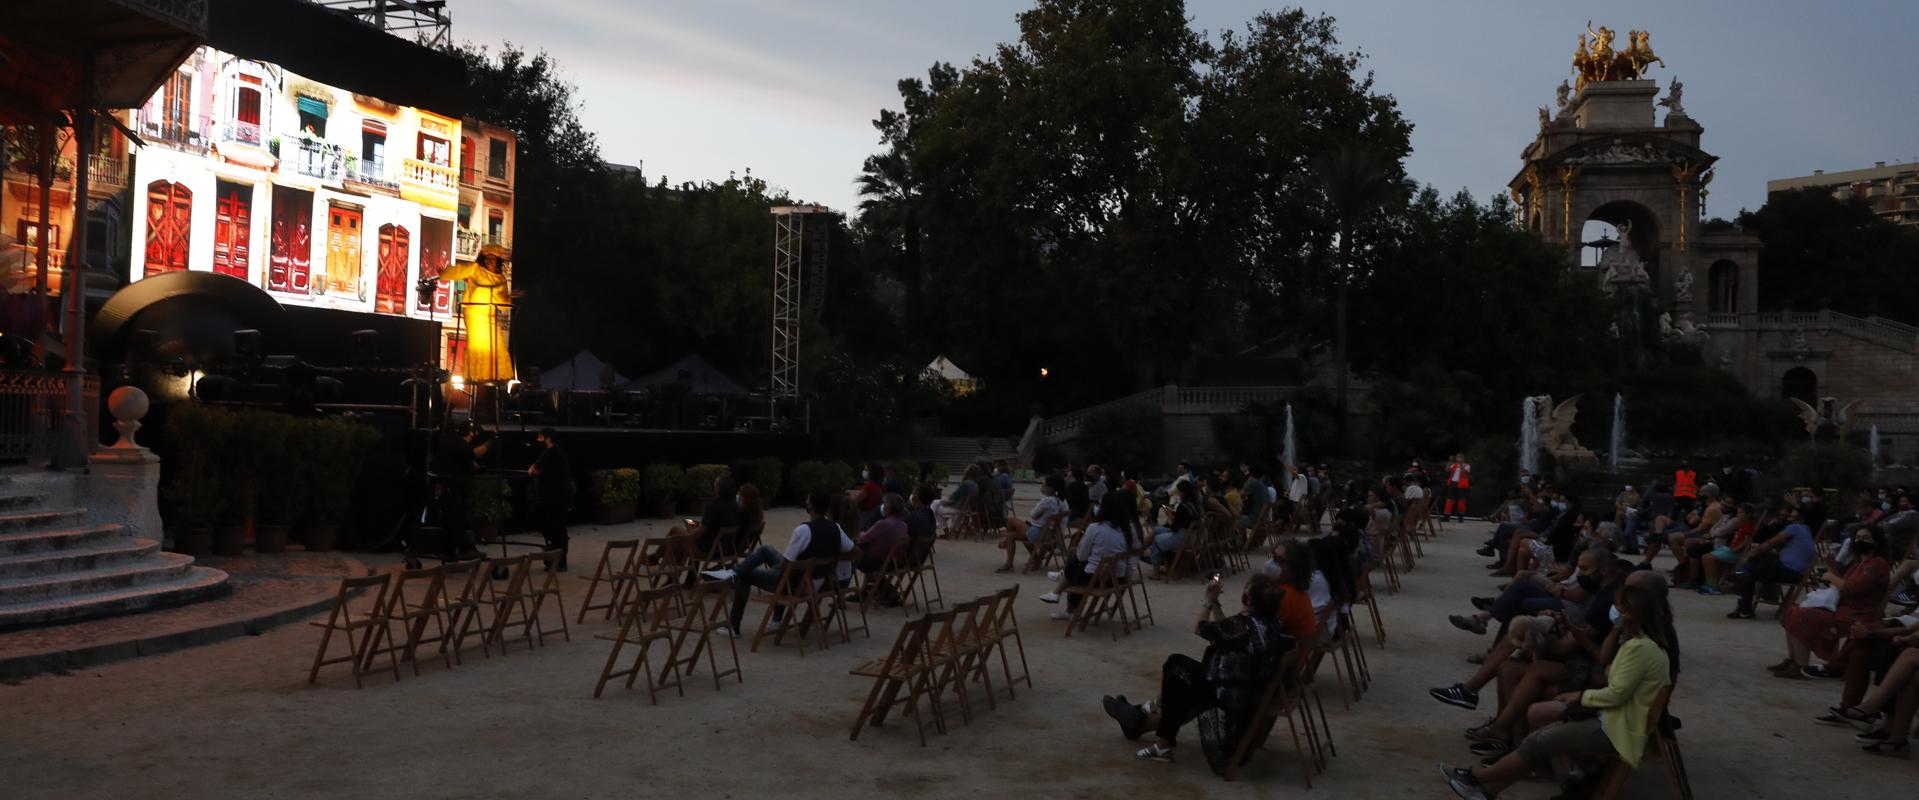 Actuación este jueves en el parc de la Ciutadella.